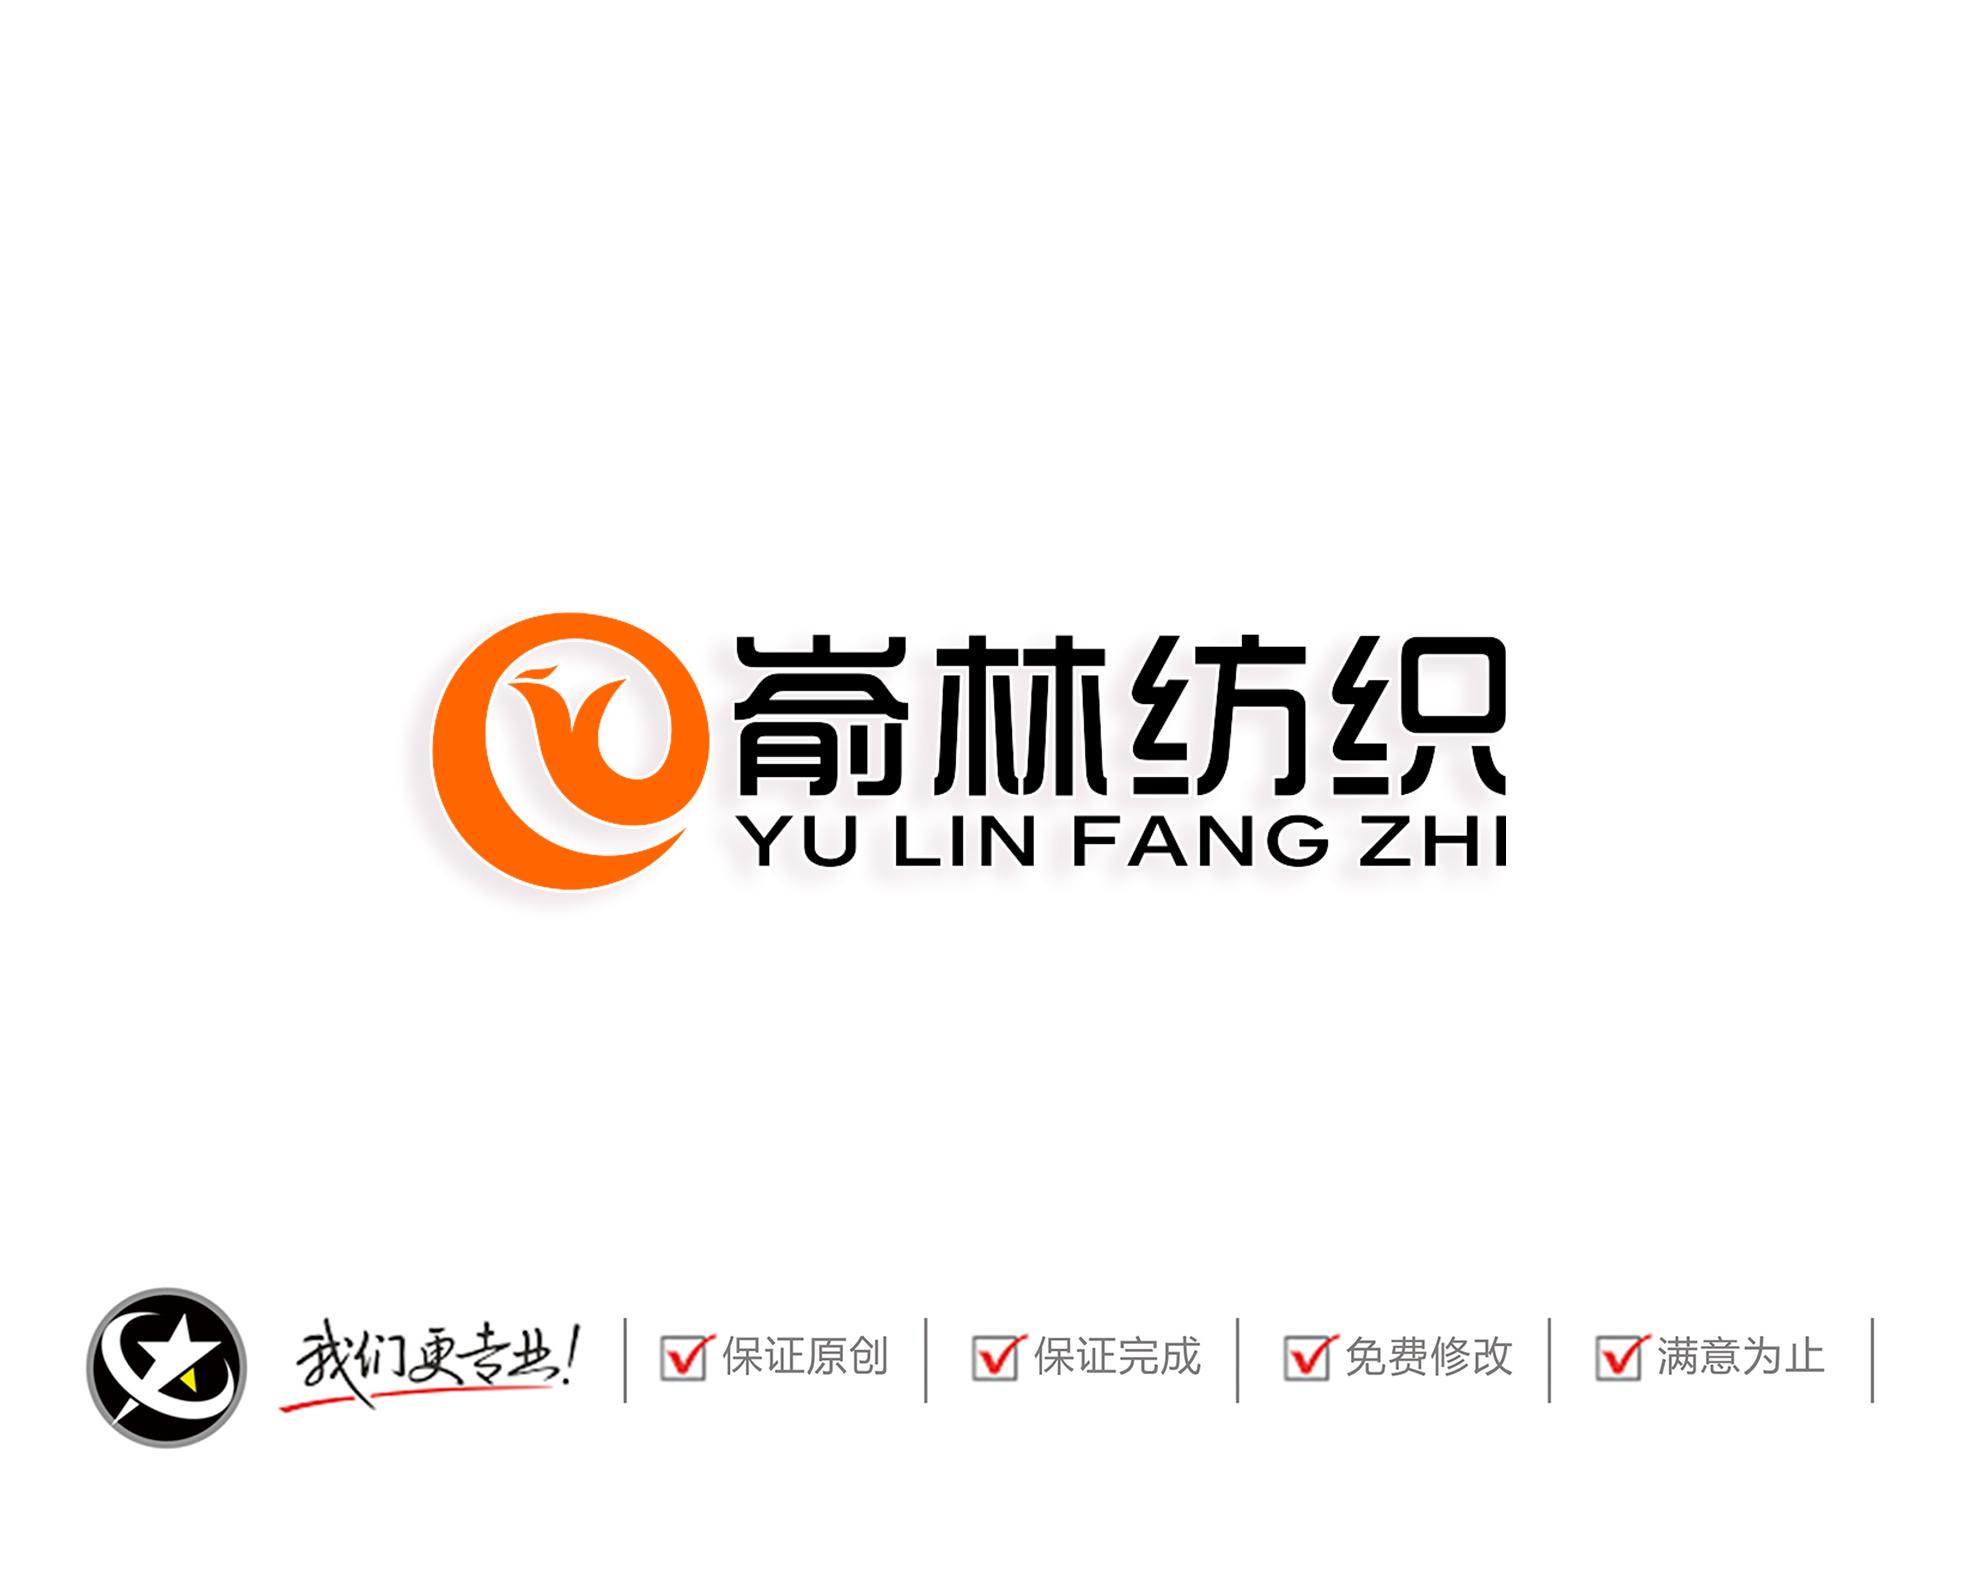 山东嵛林纺织科技有限公司LoGo设计_3038013_k68威客网